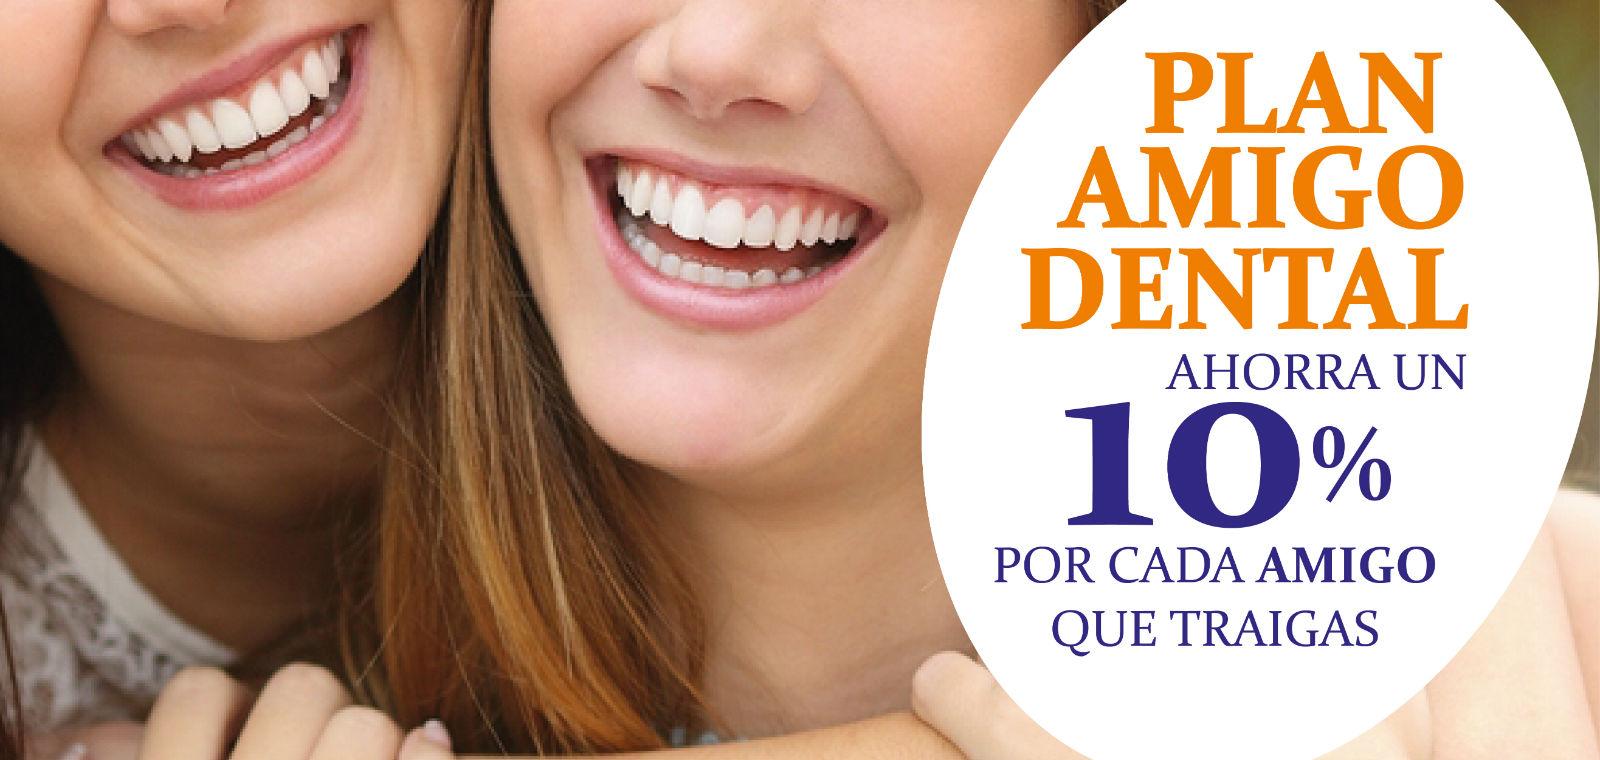 plan amigo dental